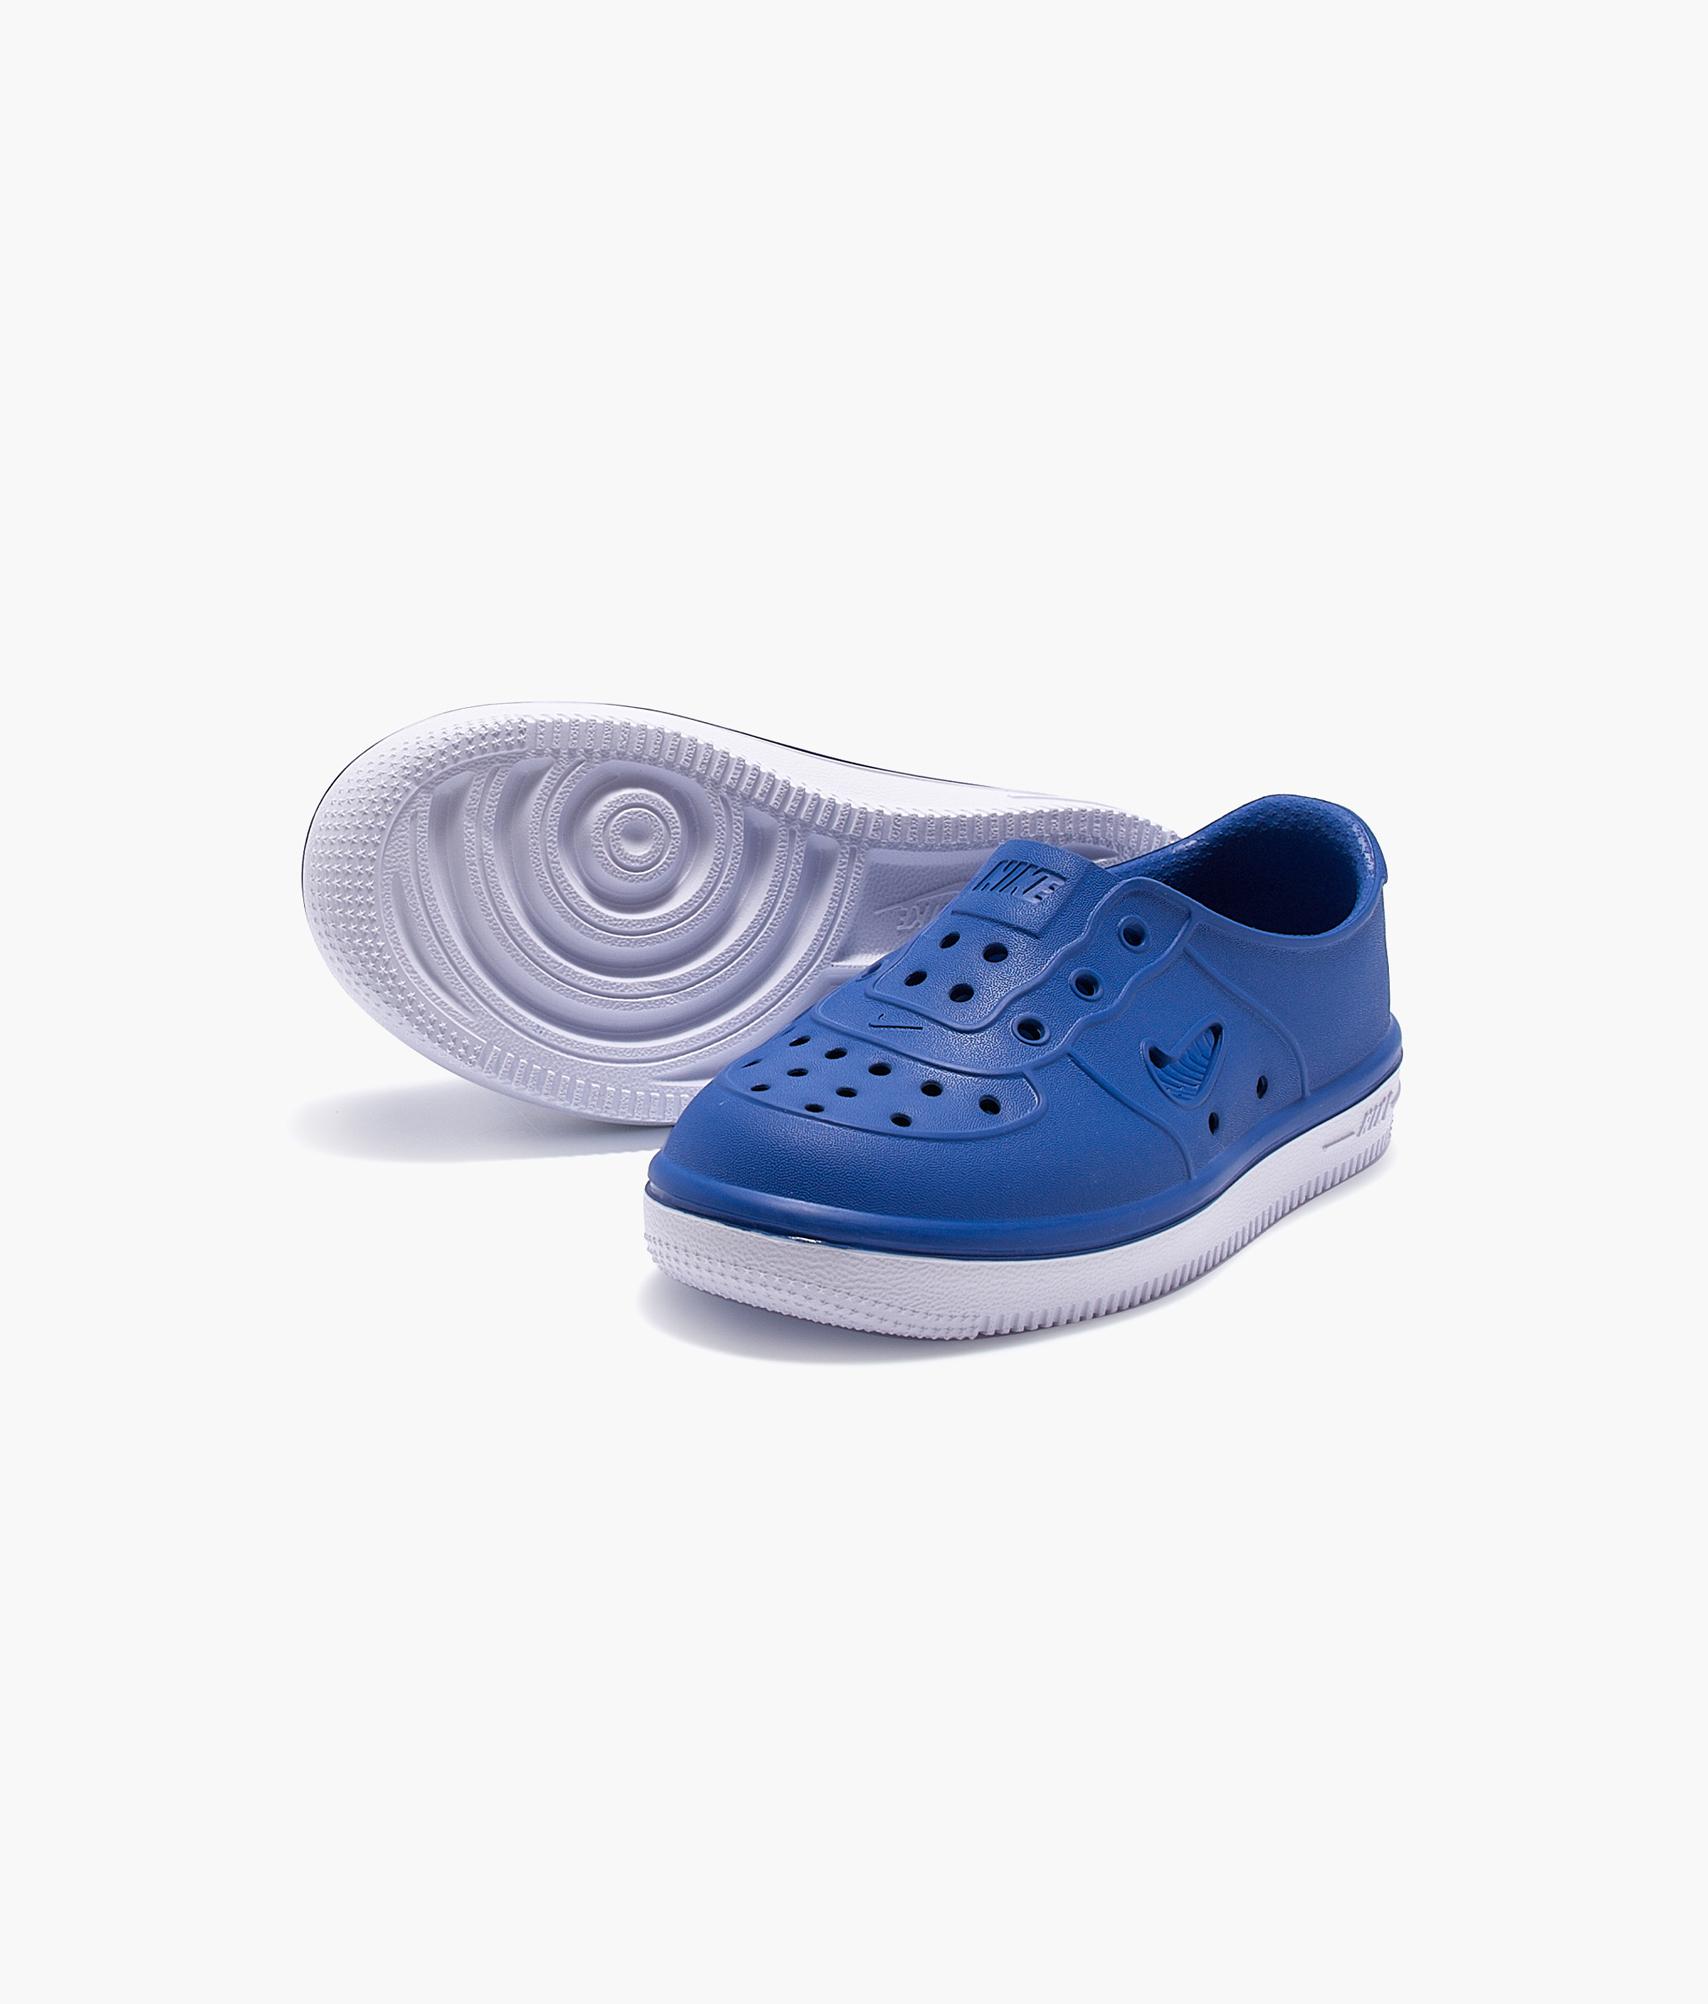 Кроссовки детские Nike Nike Цвет-Синий кроссовки nike free rn psv 833991 402 синий 28 5